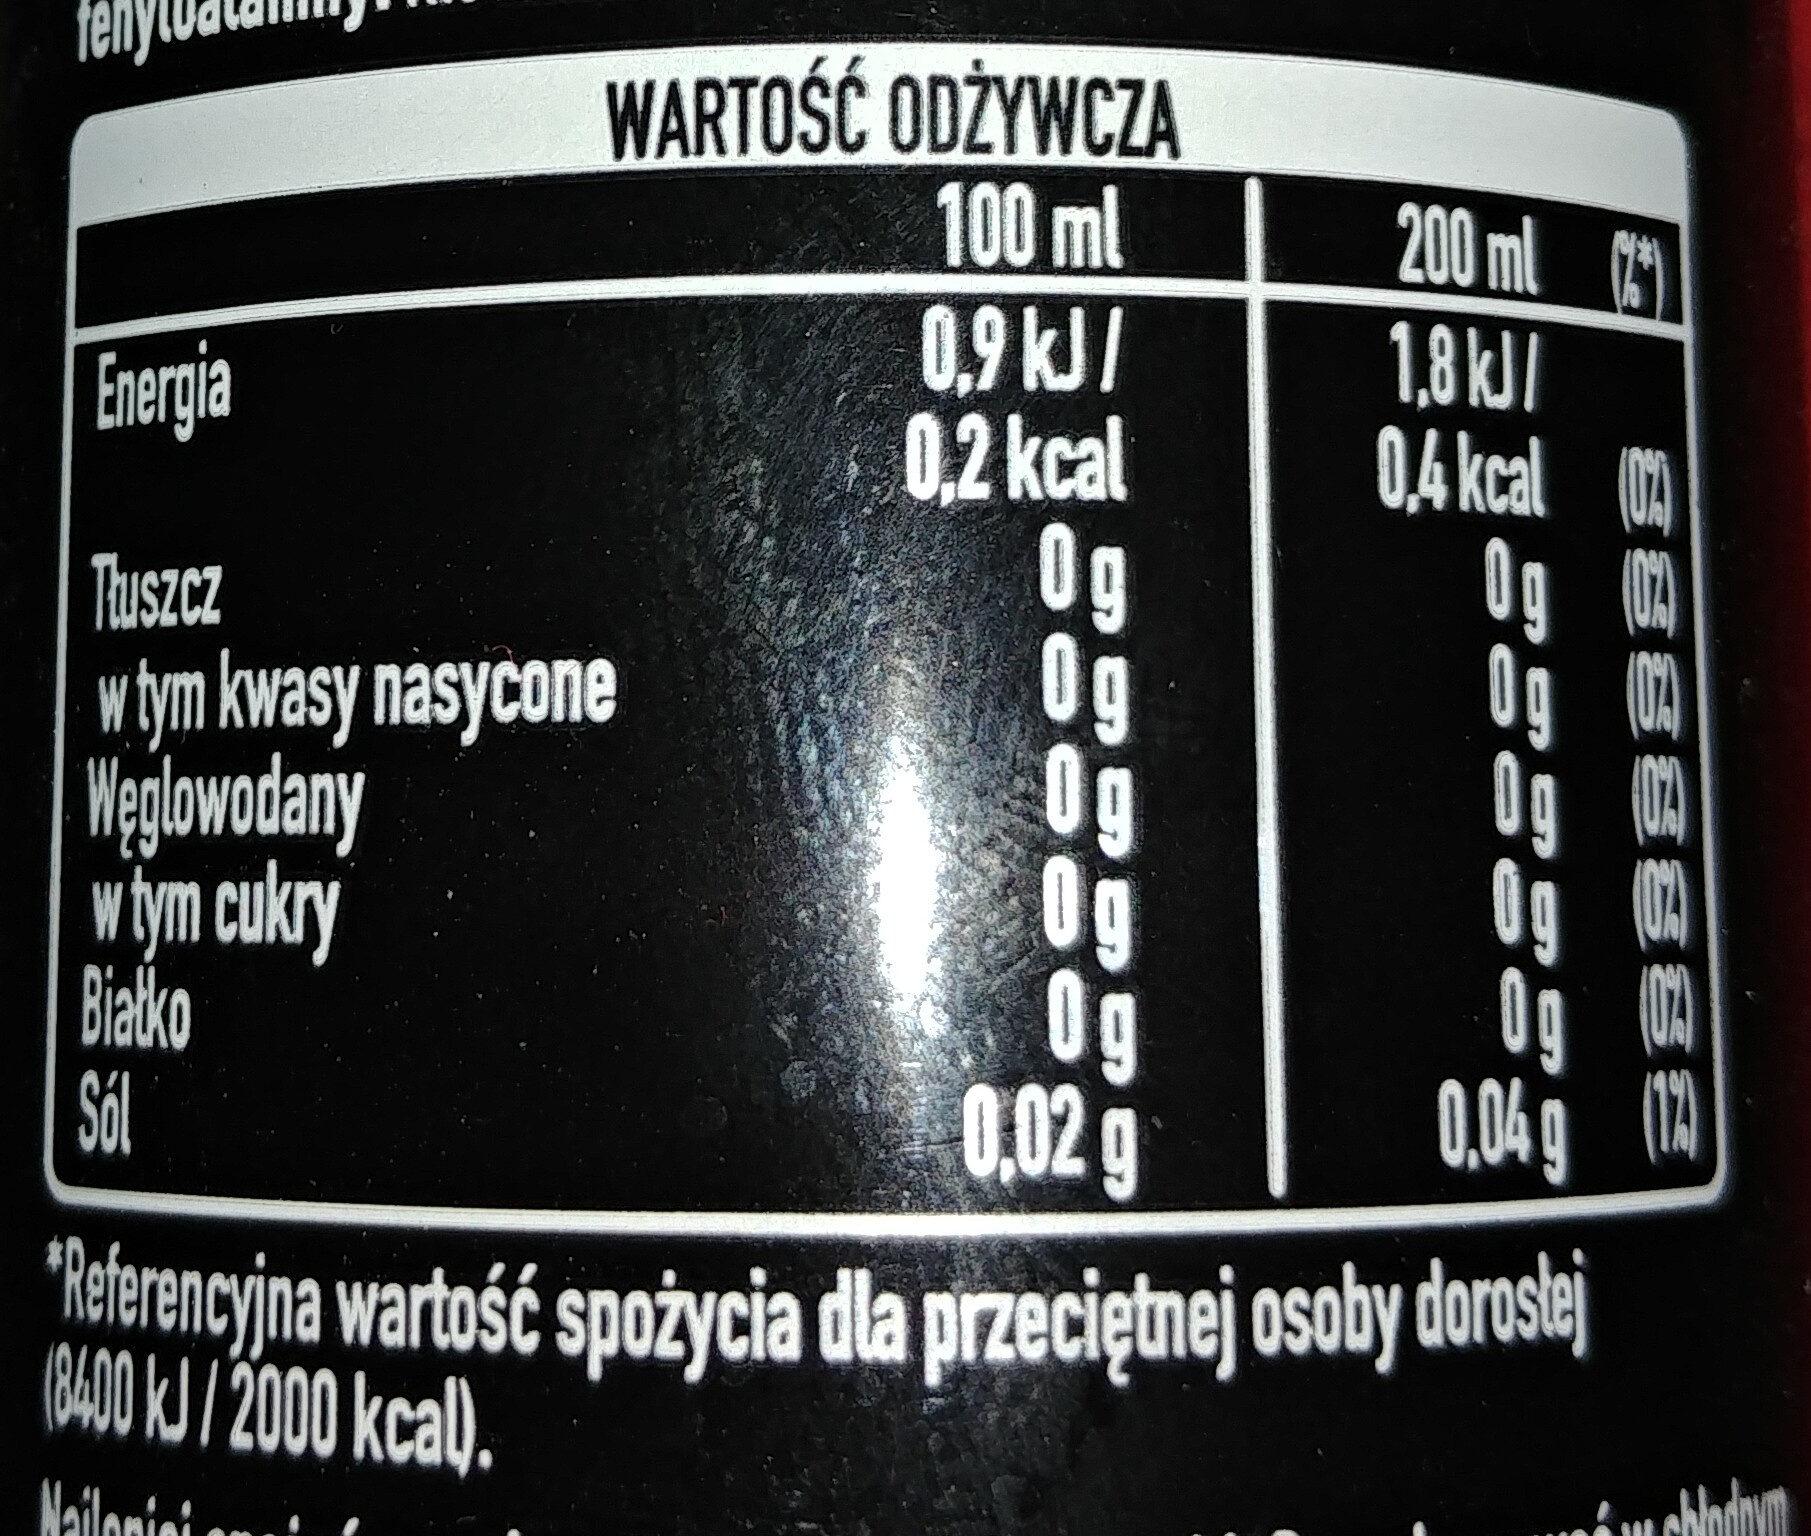 Napój gazowany o smaku cola - Wartości odżywcze